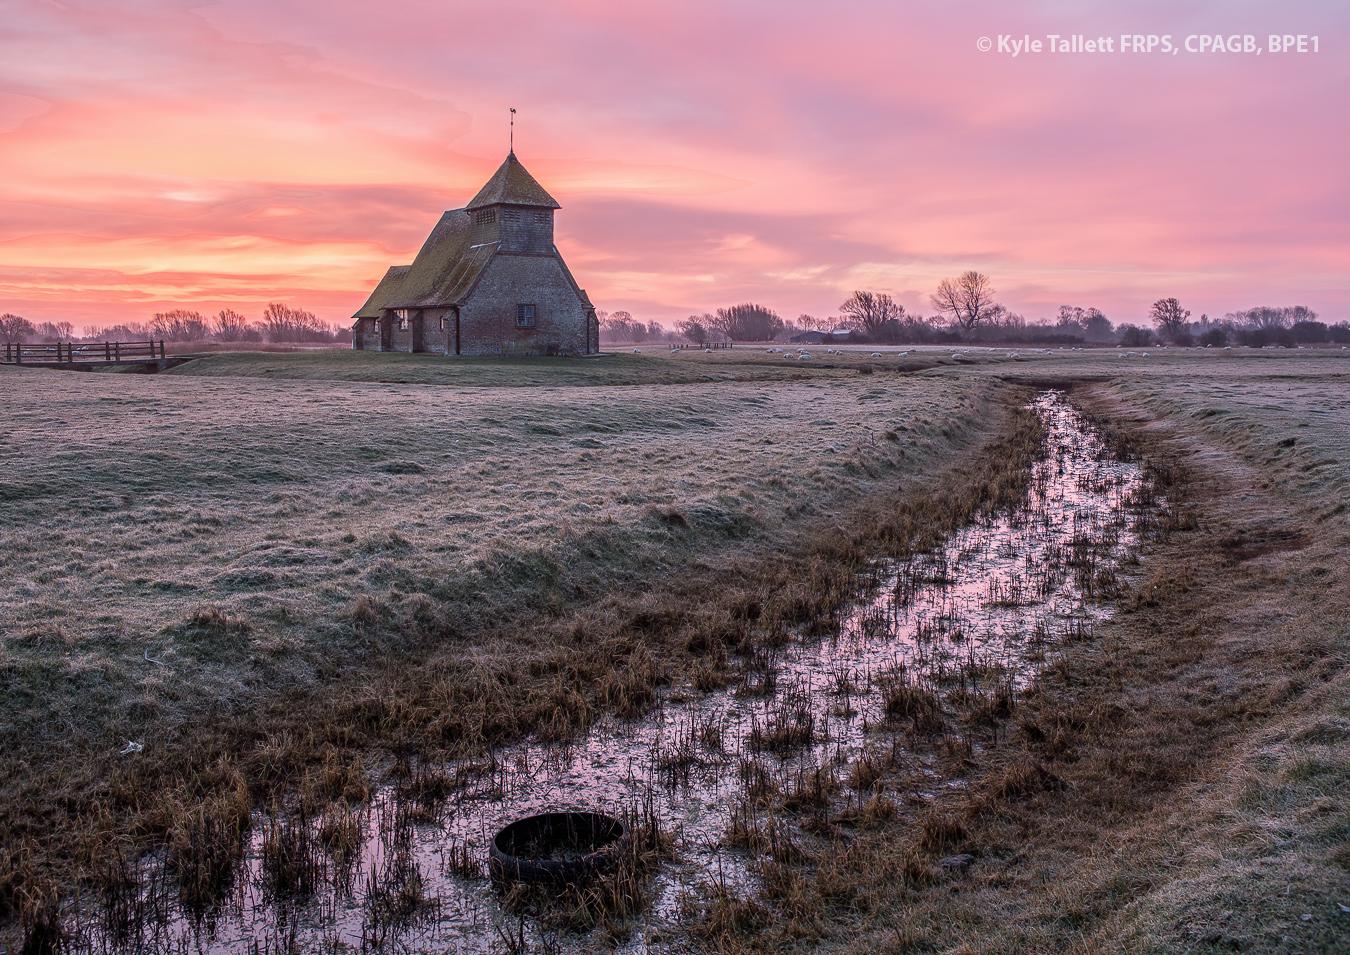 Winter sunrise at fairfeild